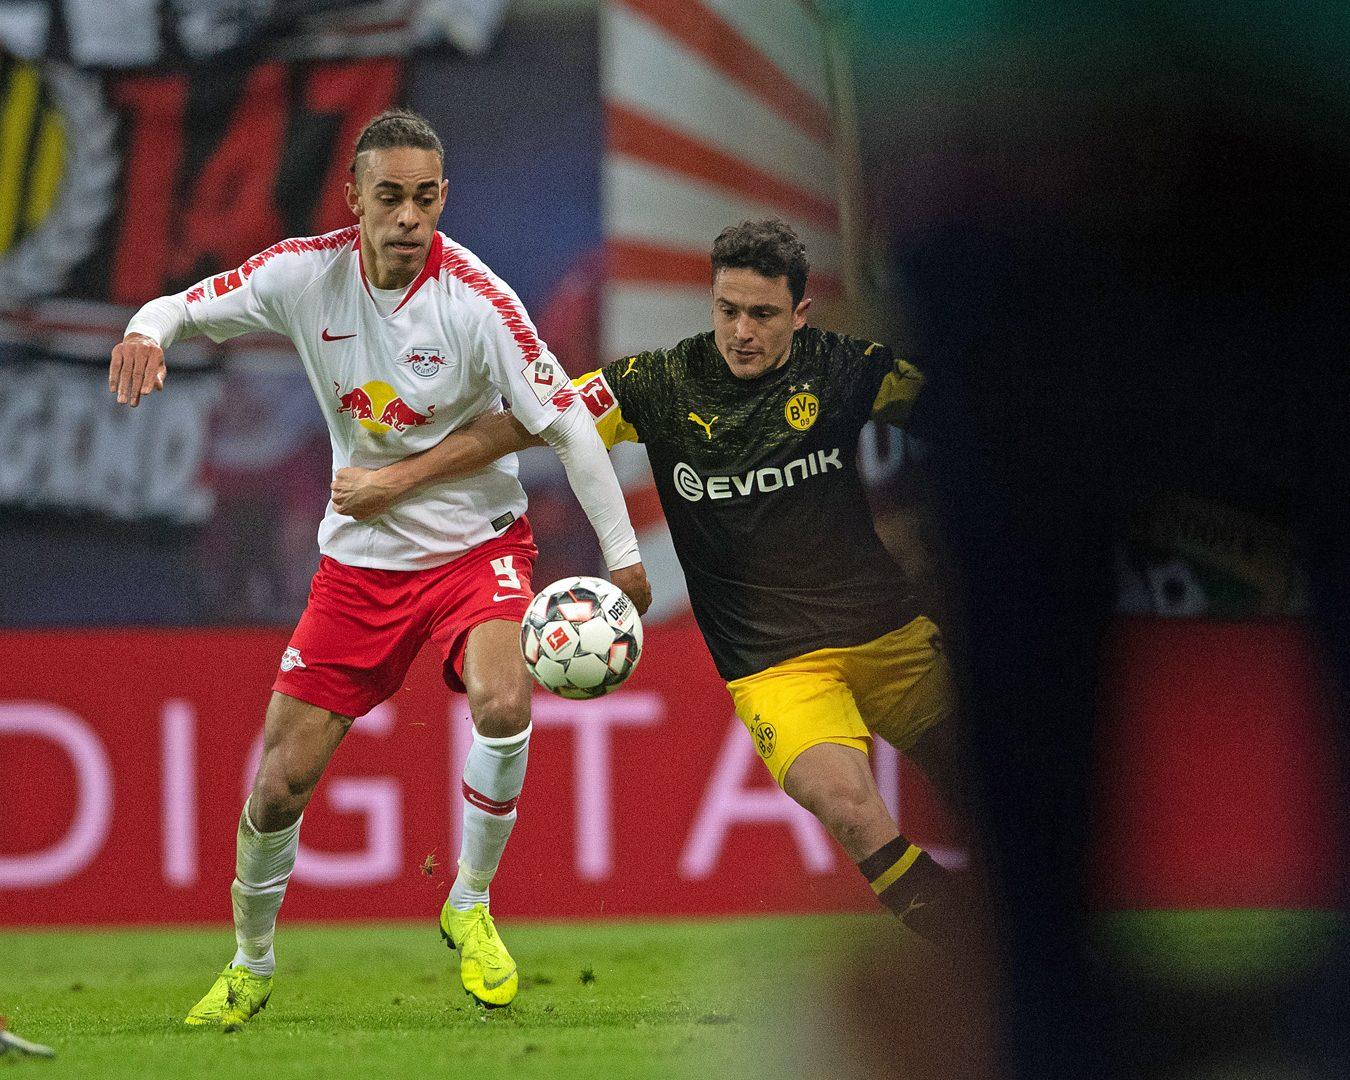 Calendrier Bundesliga 2.Bundesliga Key Dates In The 2019 20 Bundesliga Season